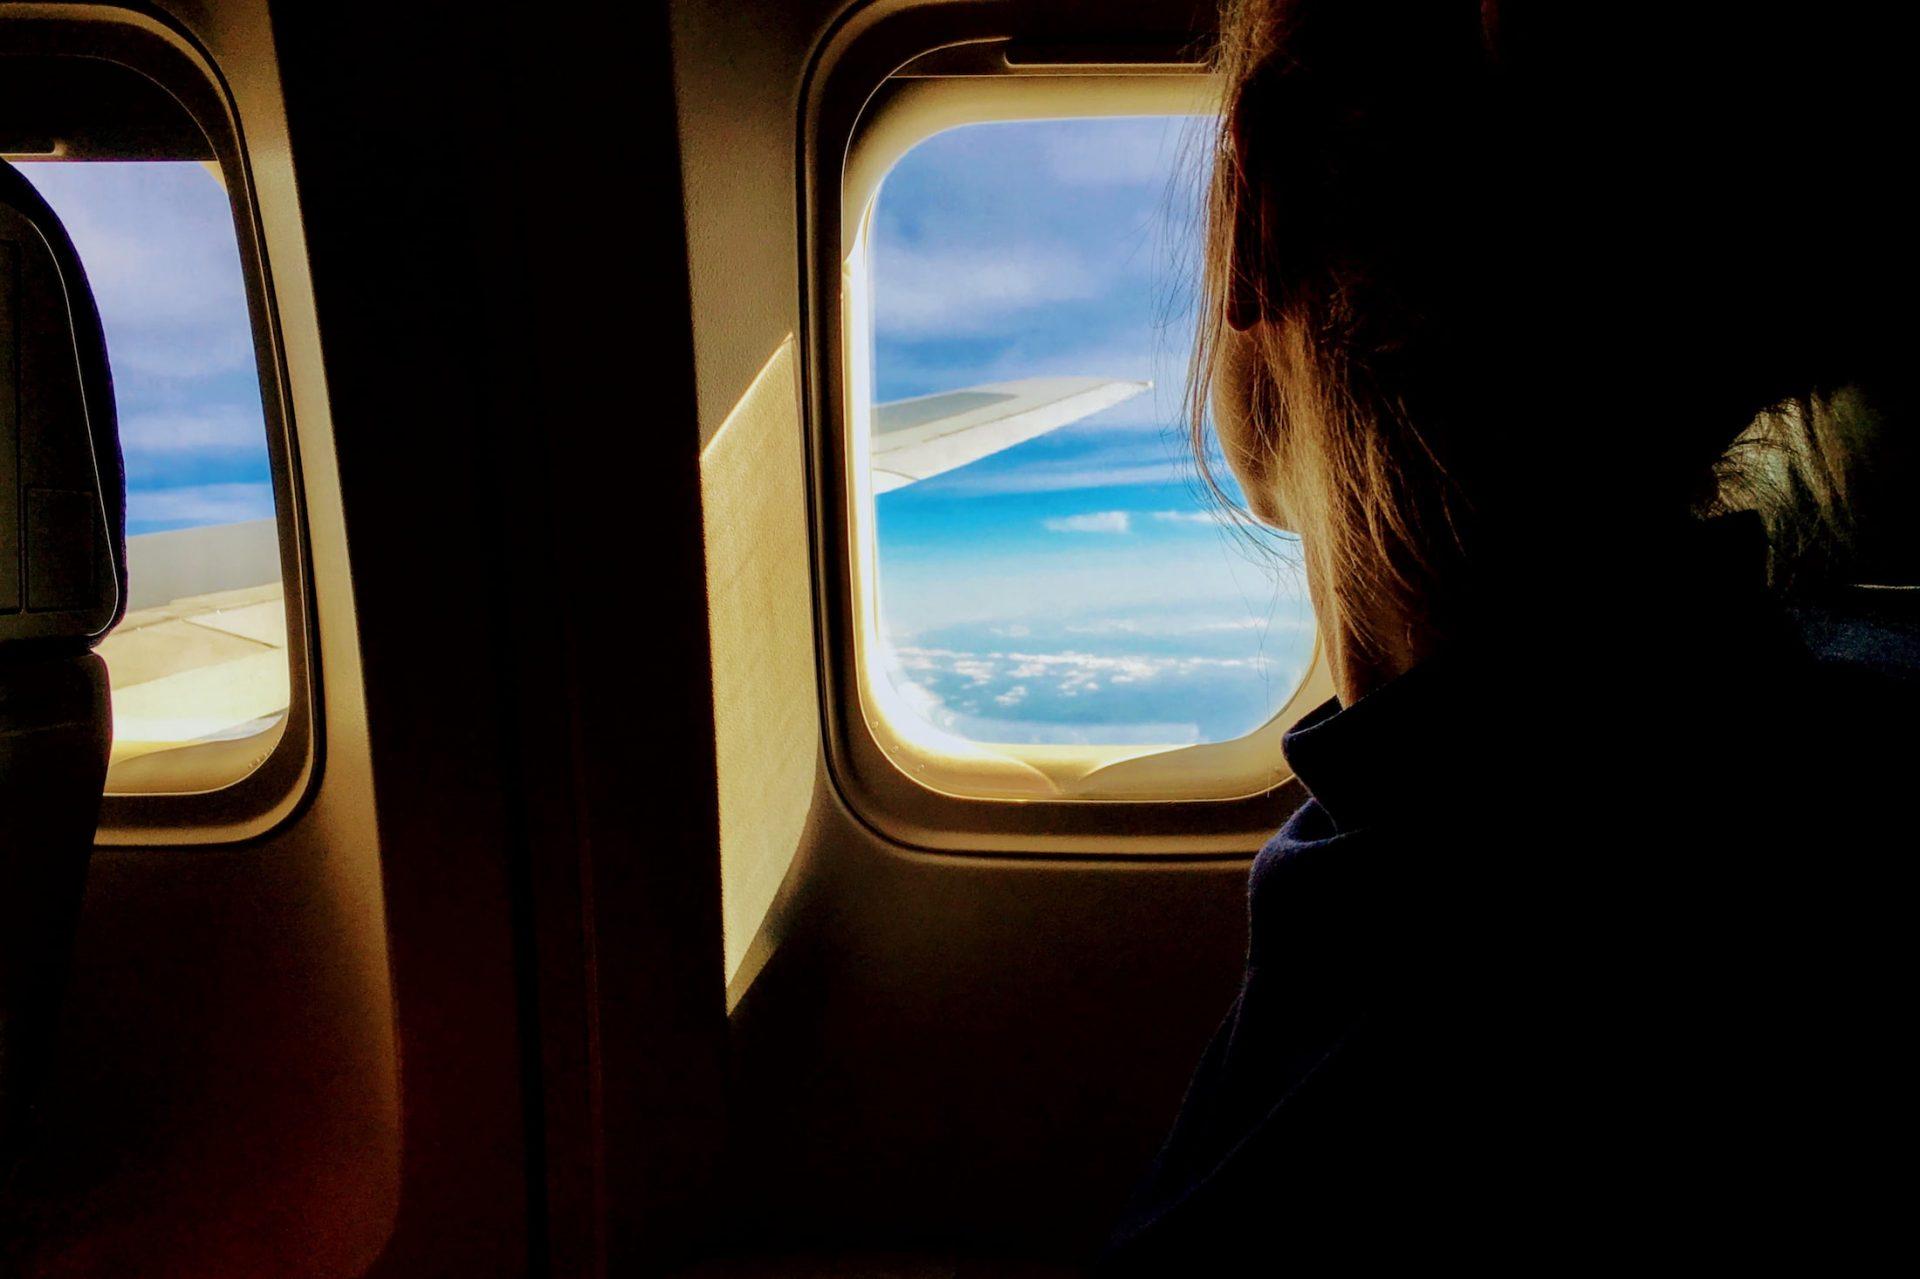 fenêtre de l'avion